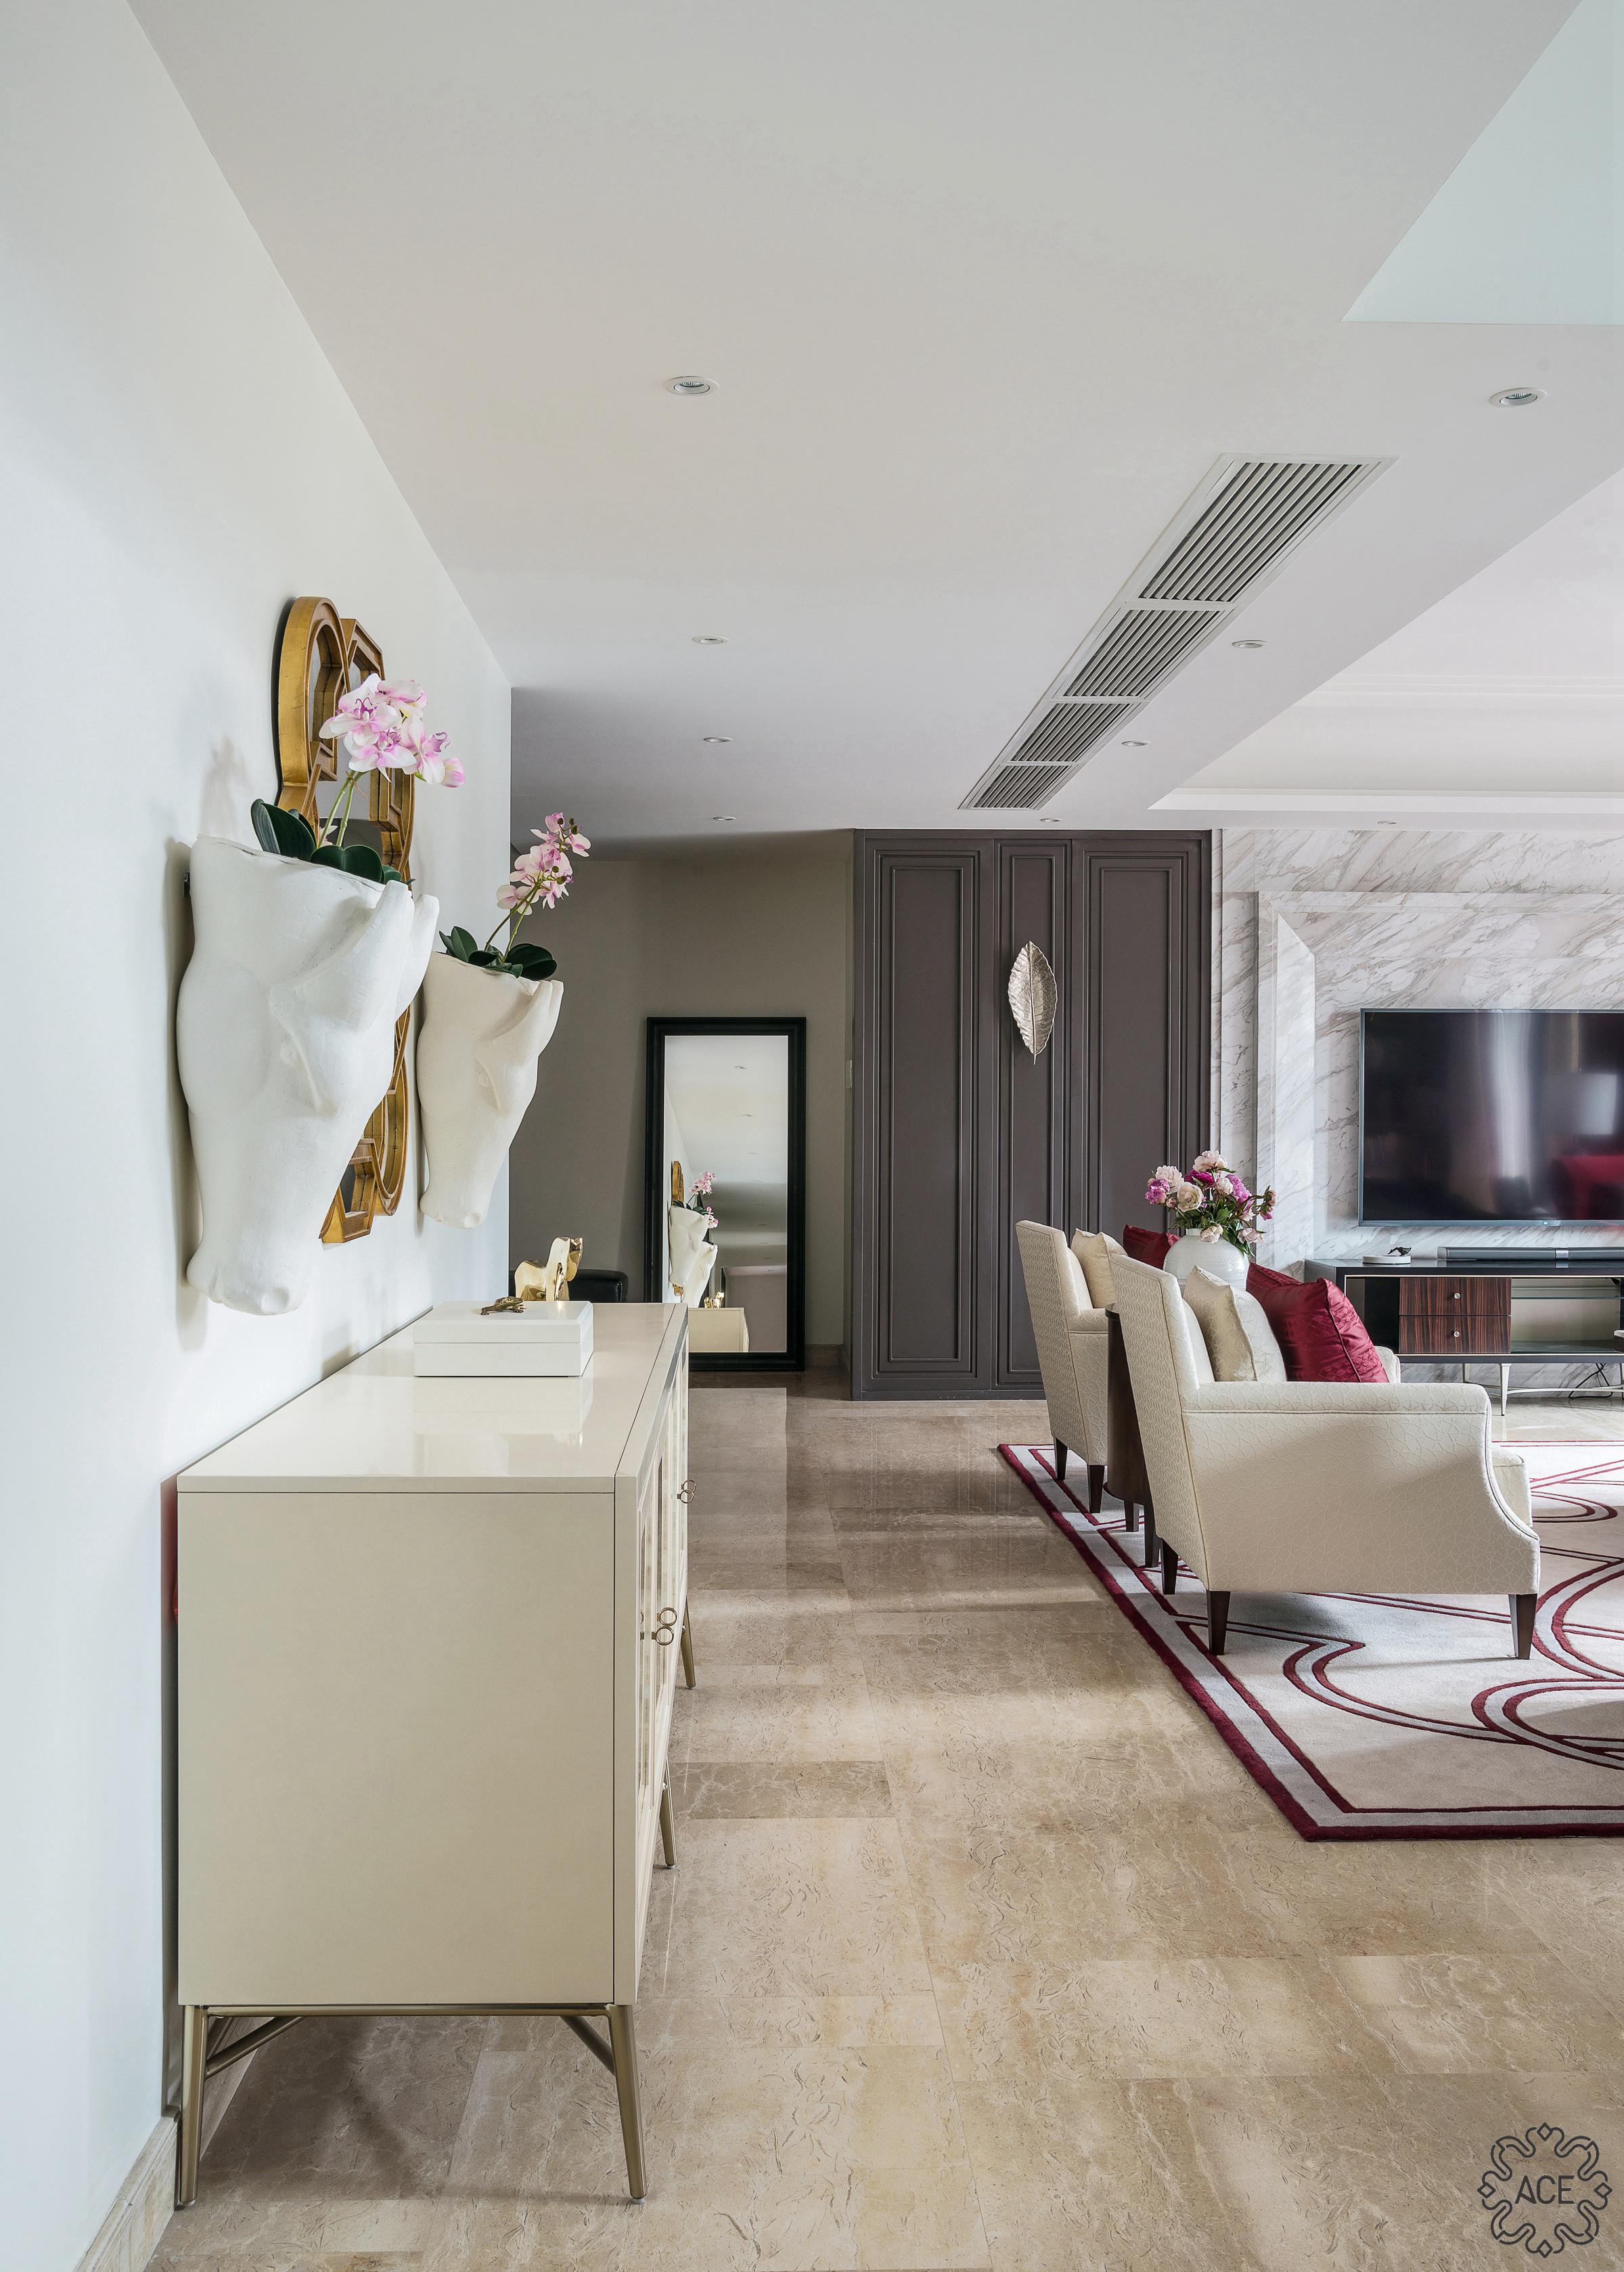 精装房改造 优雅住宅 气质 沉稳 客厅图片来自谢辉室内定制设计服务机构在家之新颜的分享